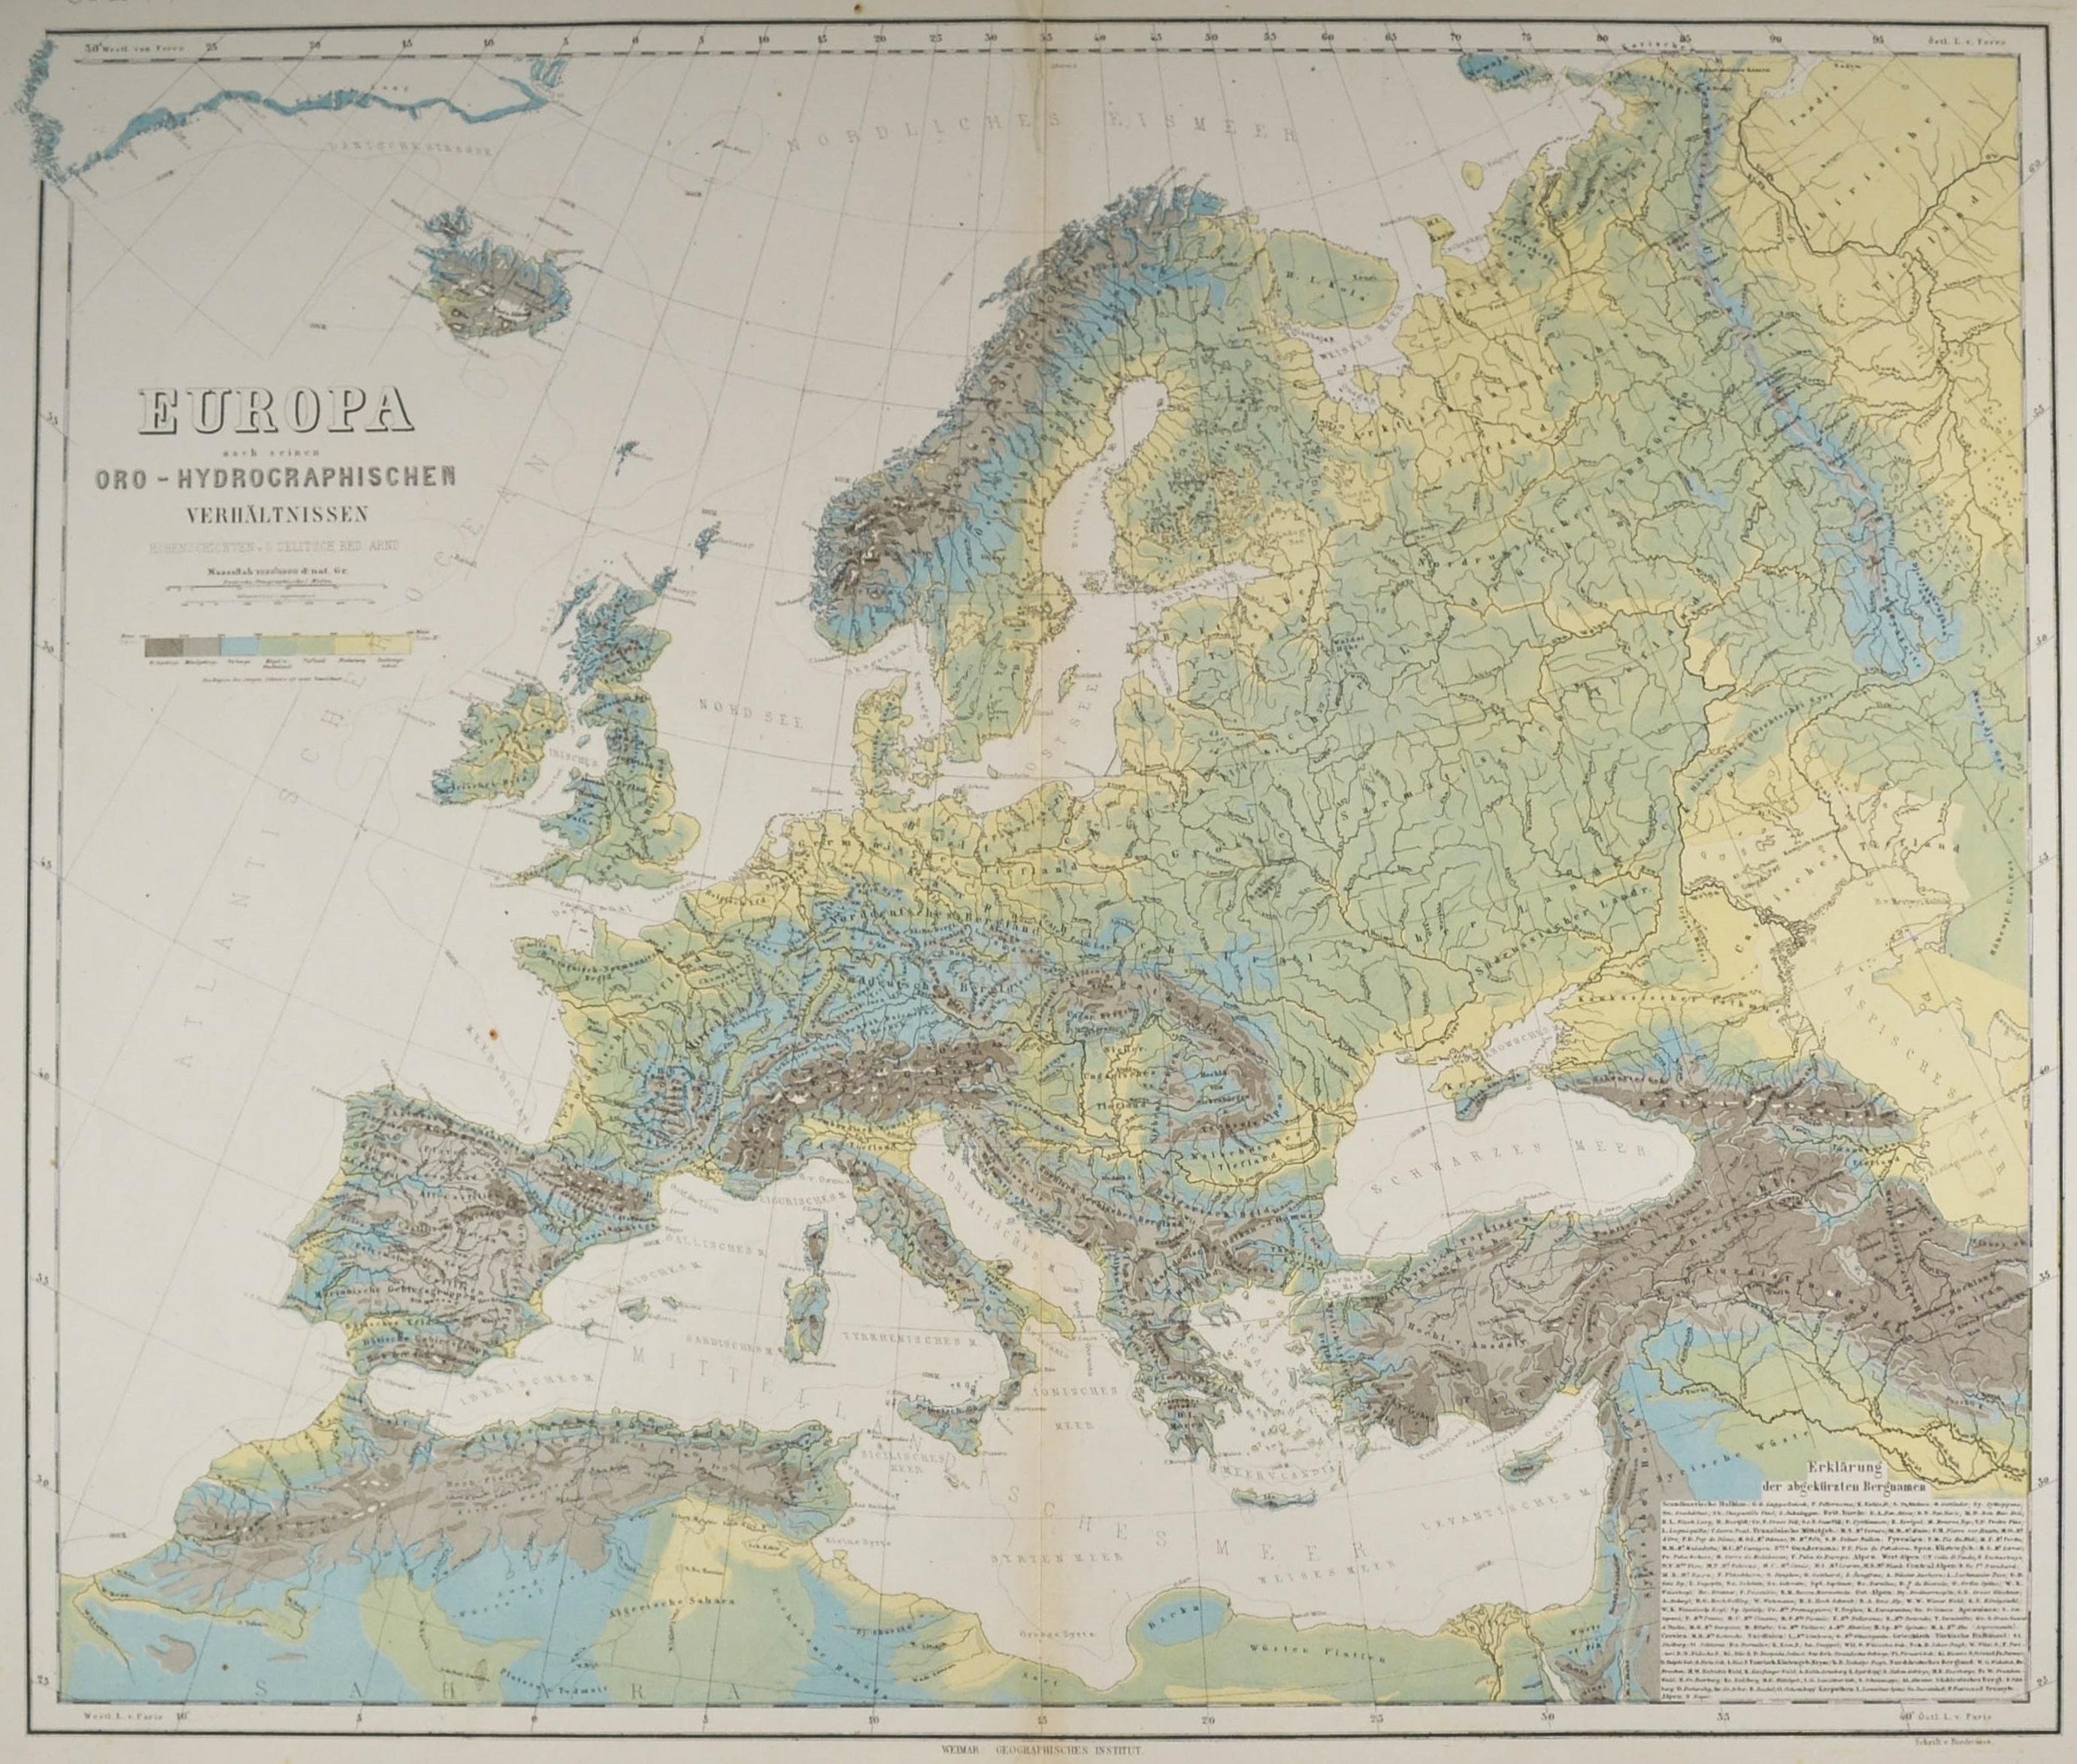 Europa Karte Europa Politische Ubersicht Bis Zum Ural